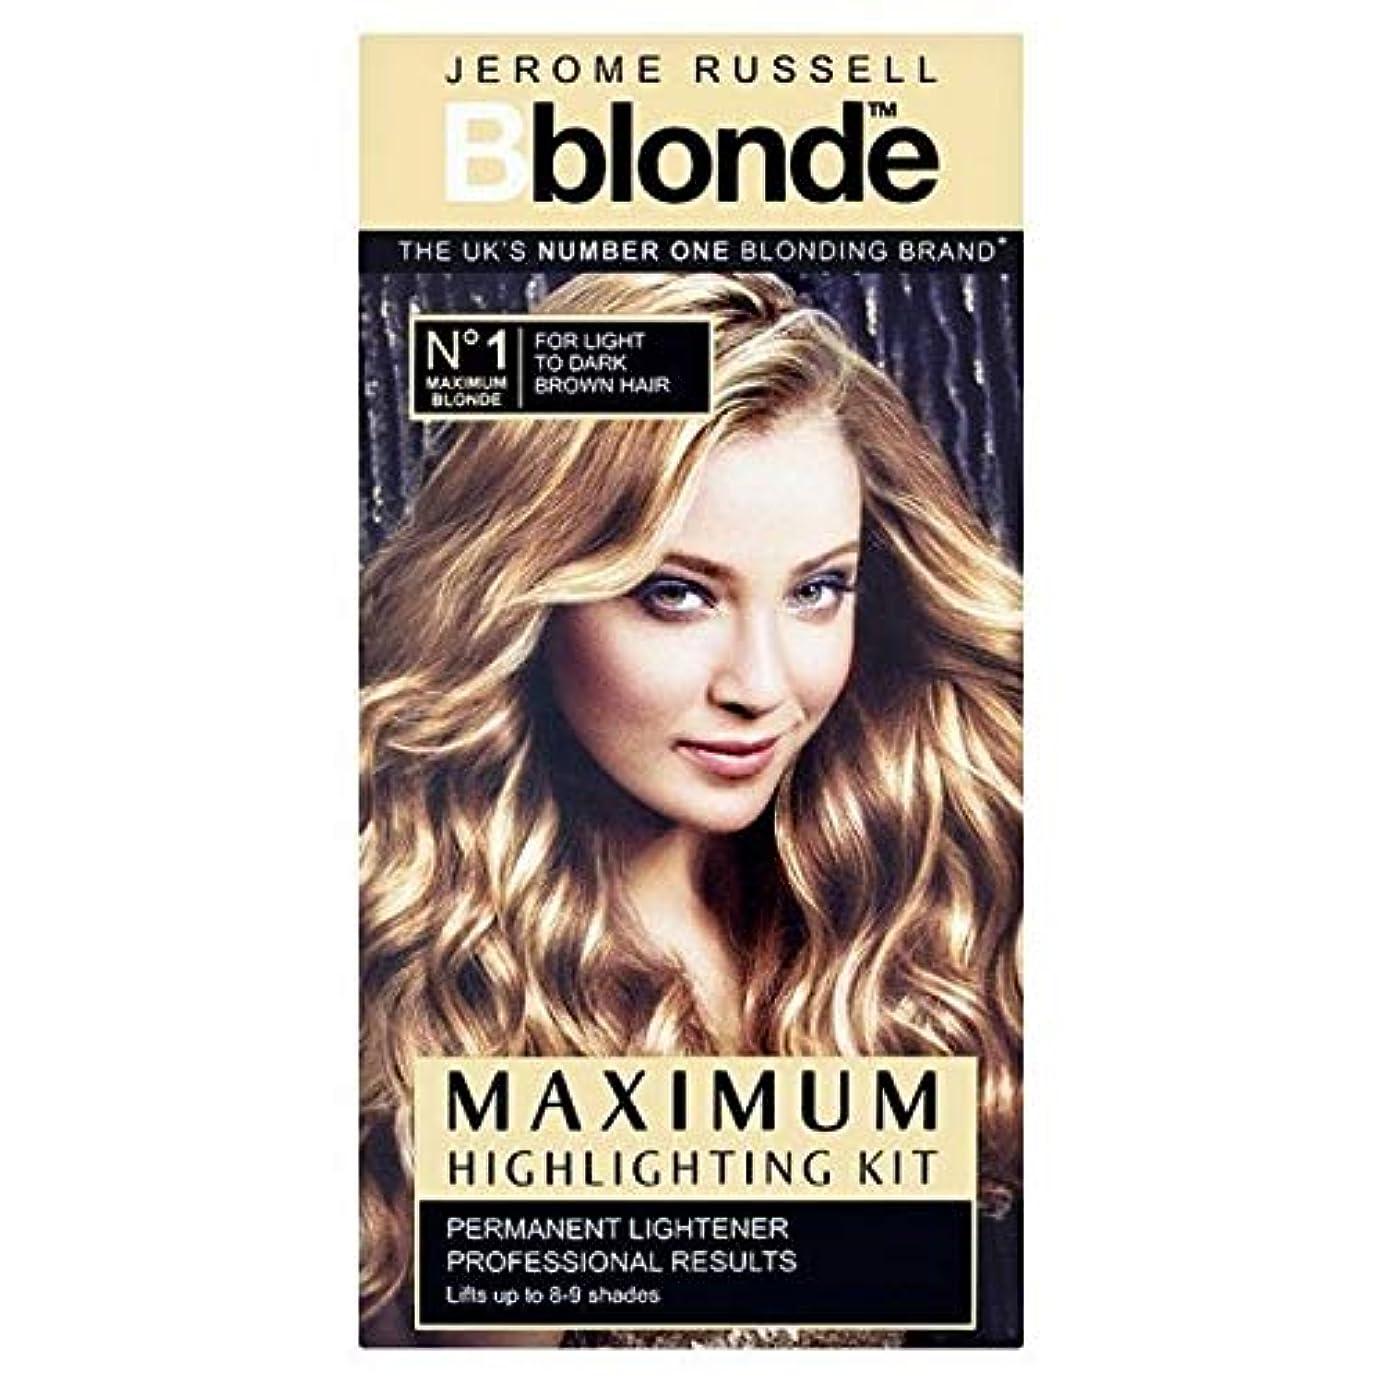 プロポーショナル死にかけているクリーナー[B Blonde] ジェロームラッセルBblonde強調するキットライトナー - Jerome Russell Bblonde Highlighting Kit Lightner [並行輸入品]